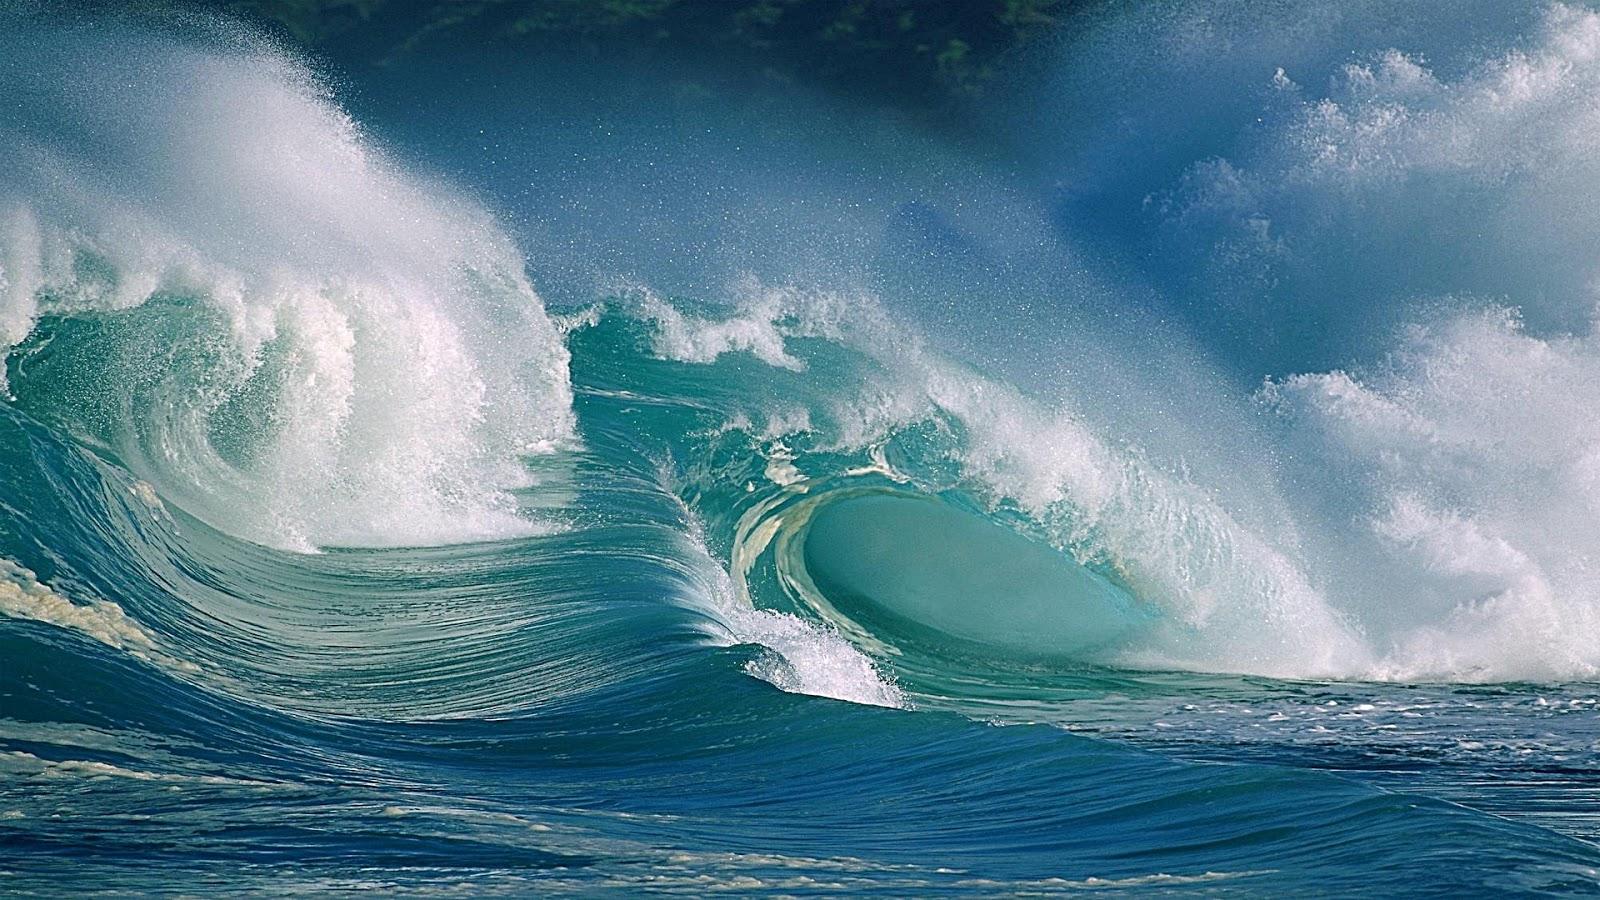 http://2.bp.blogspot.com/-UXoTOFTCPAY/T5EM55QvVEI/AAAAAAAADXw/guGdFO97fak/s1600/awesome-ocean-surf-windows-8-wallpaper-1920x1080.jpg